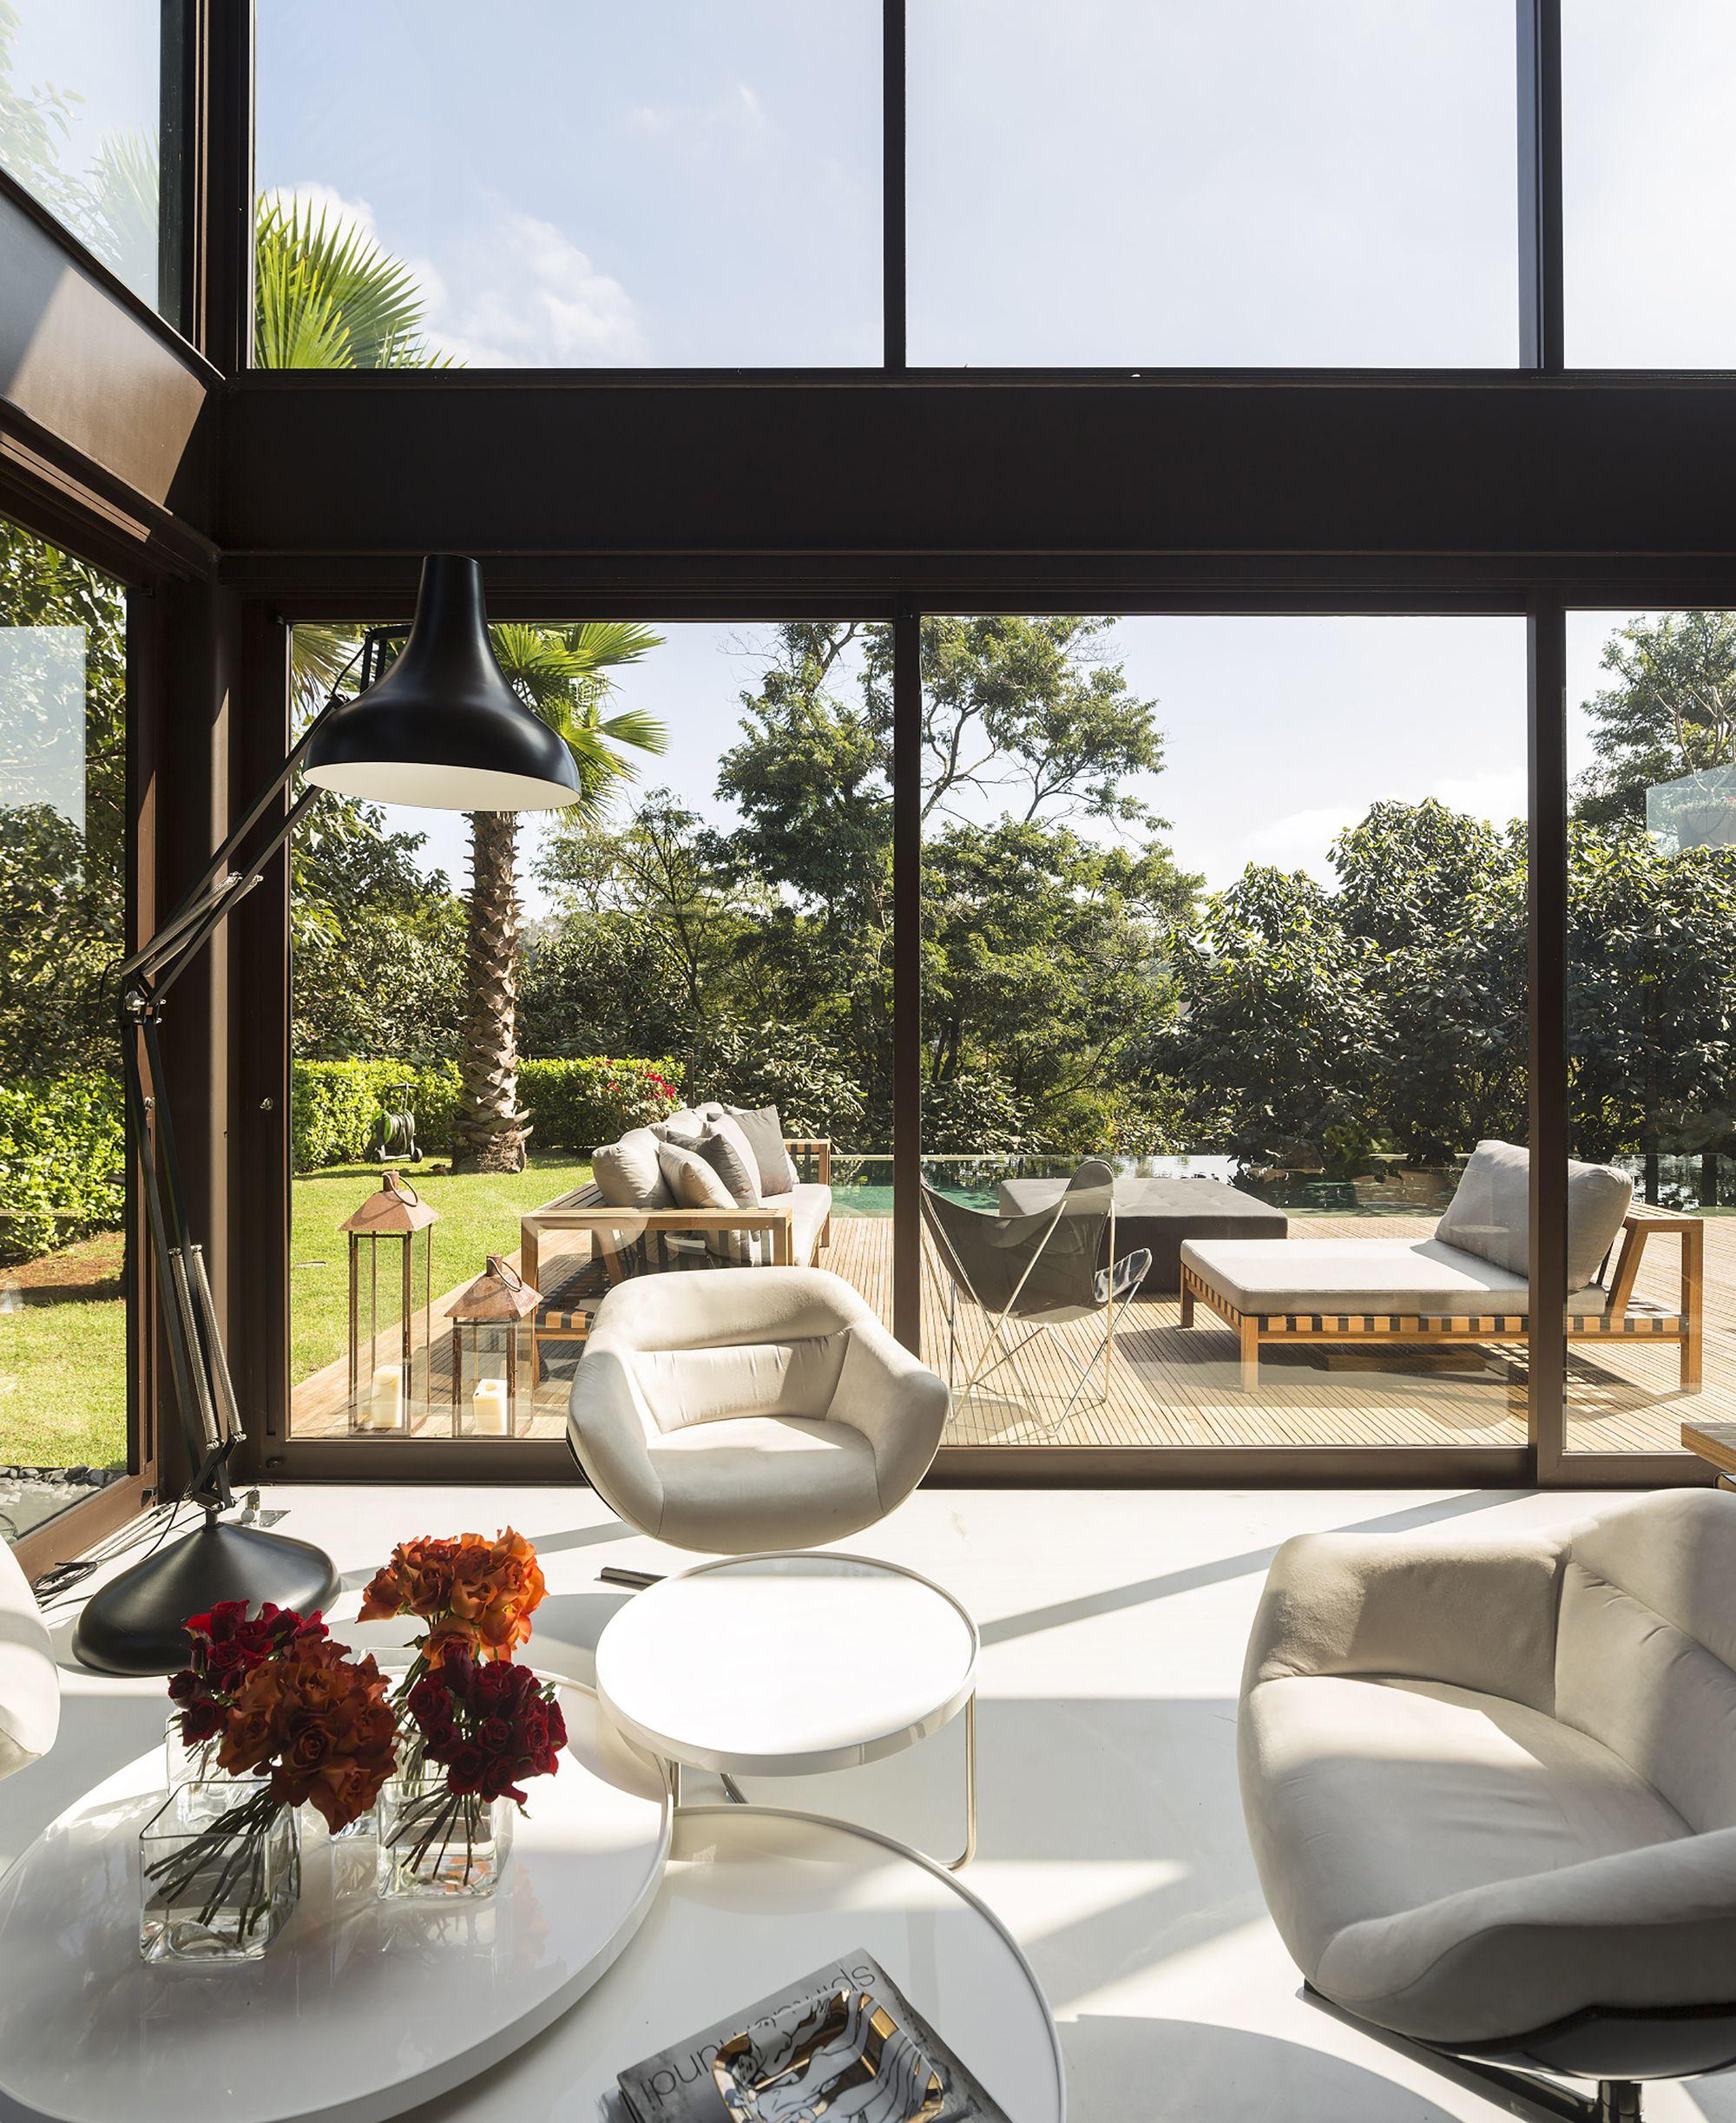 Galeria - Residência Limantos / Fernanda Marques Arquitetos Associados - 18